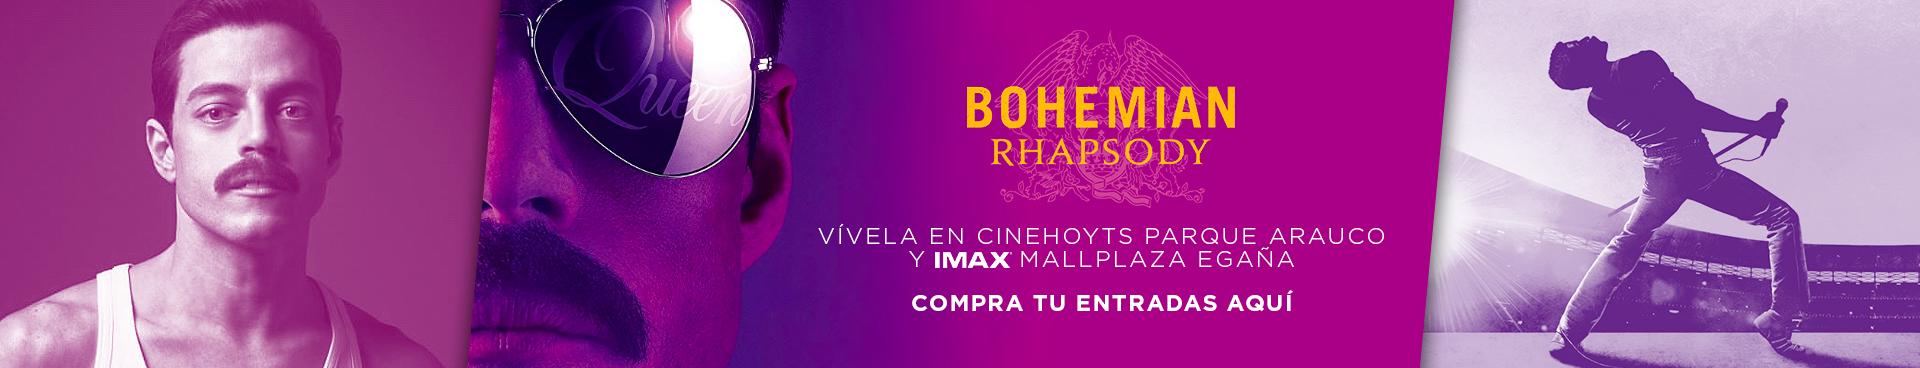 BOHEMIAM RAPHSODY, VIVELA EN CINEHOYTS PARQUE ARAUCO Y IMAX MALLPLAZA EGAÑA, COMPRA TU ENTRADAS AQUÍ